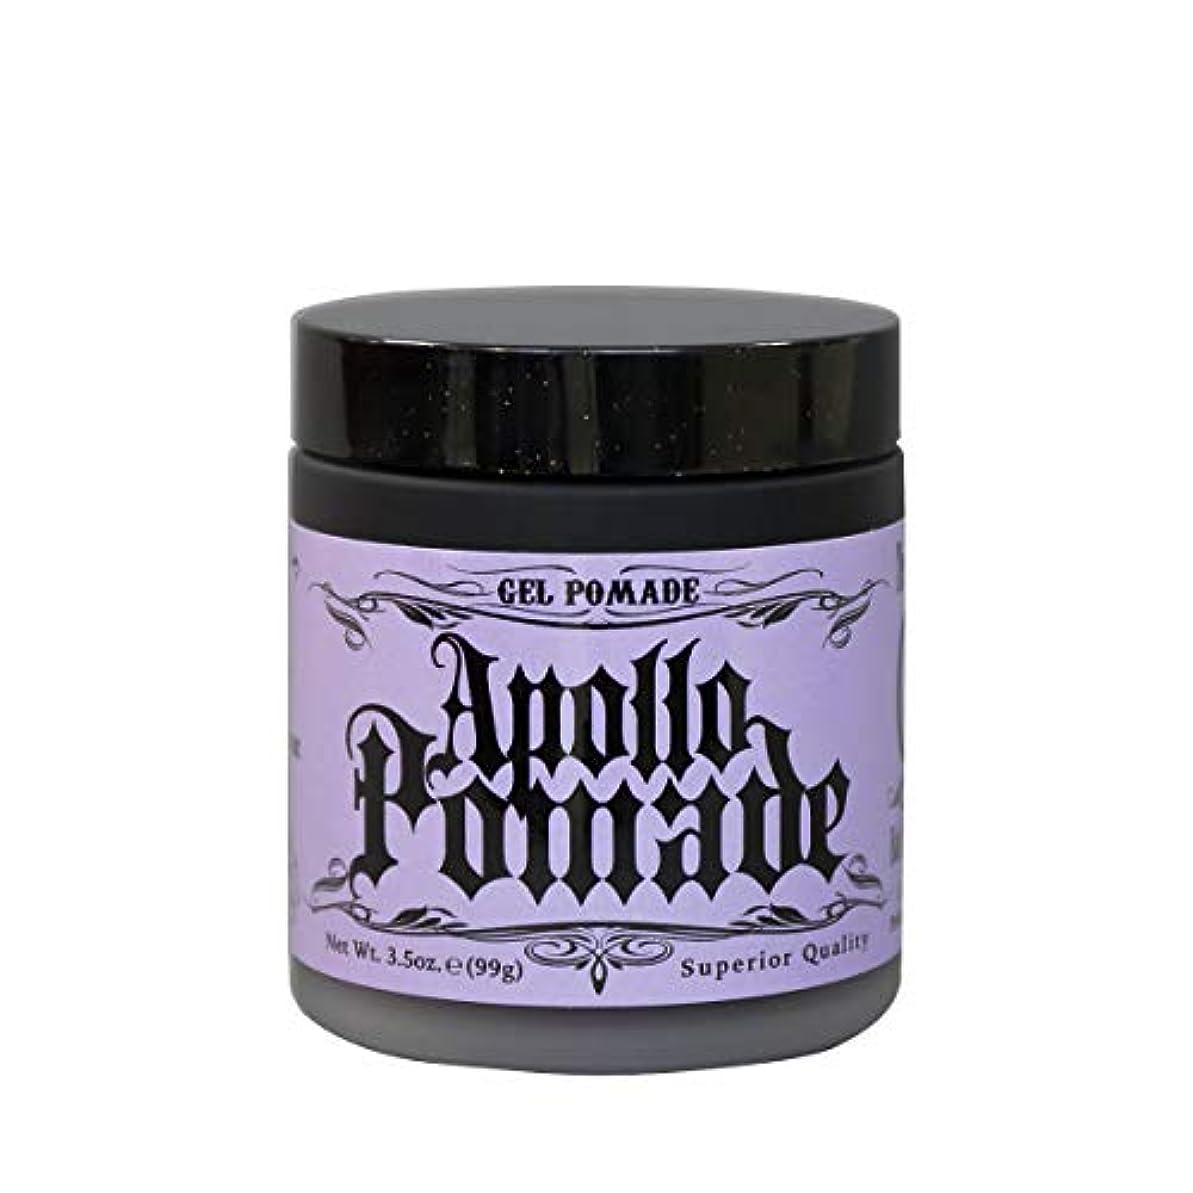 ラオス人不正確凍ったポマード メンズ Apollo Pamade (アポロポマード ジェルポム 水性 ) 3.5oz(99g)